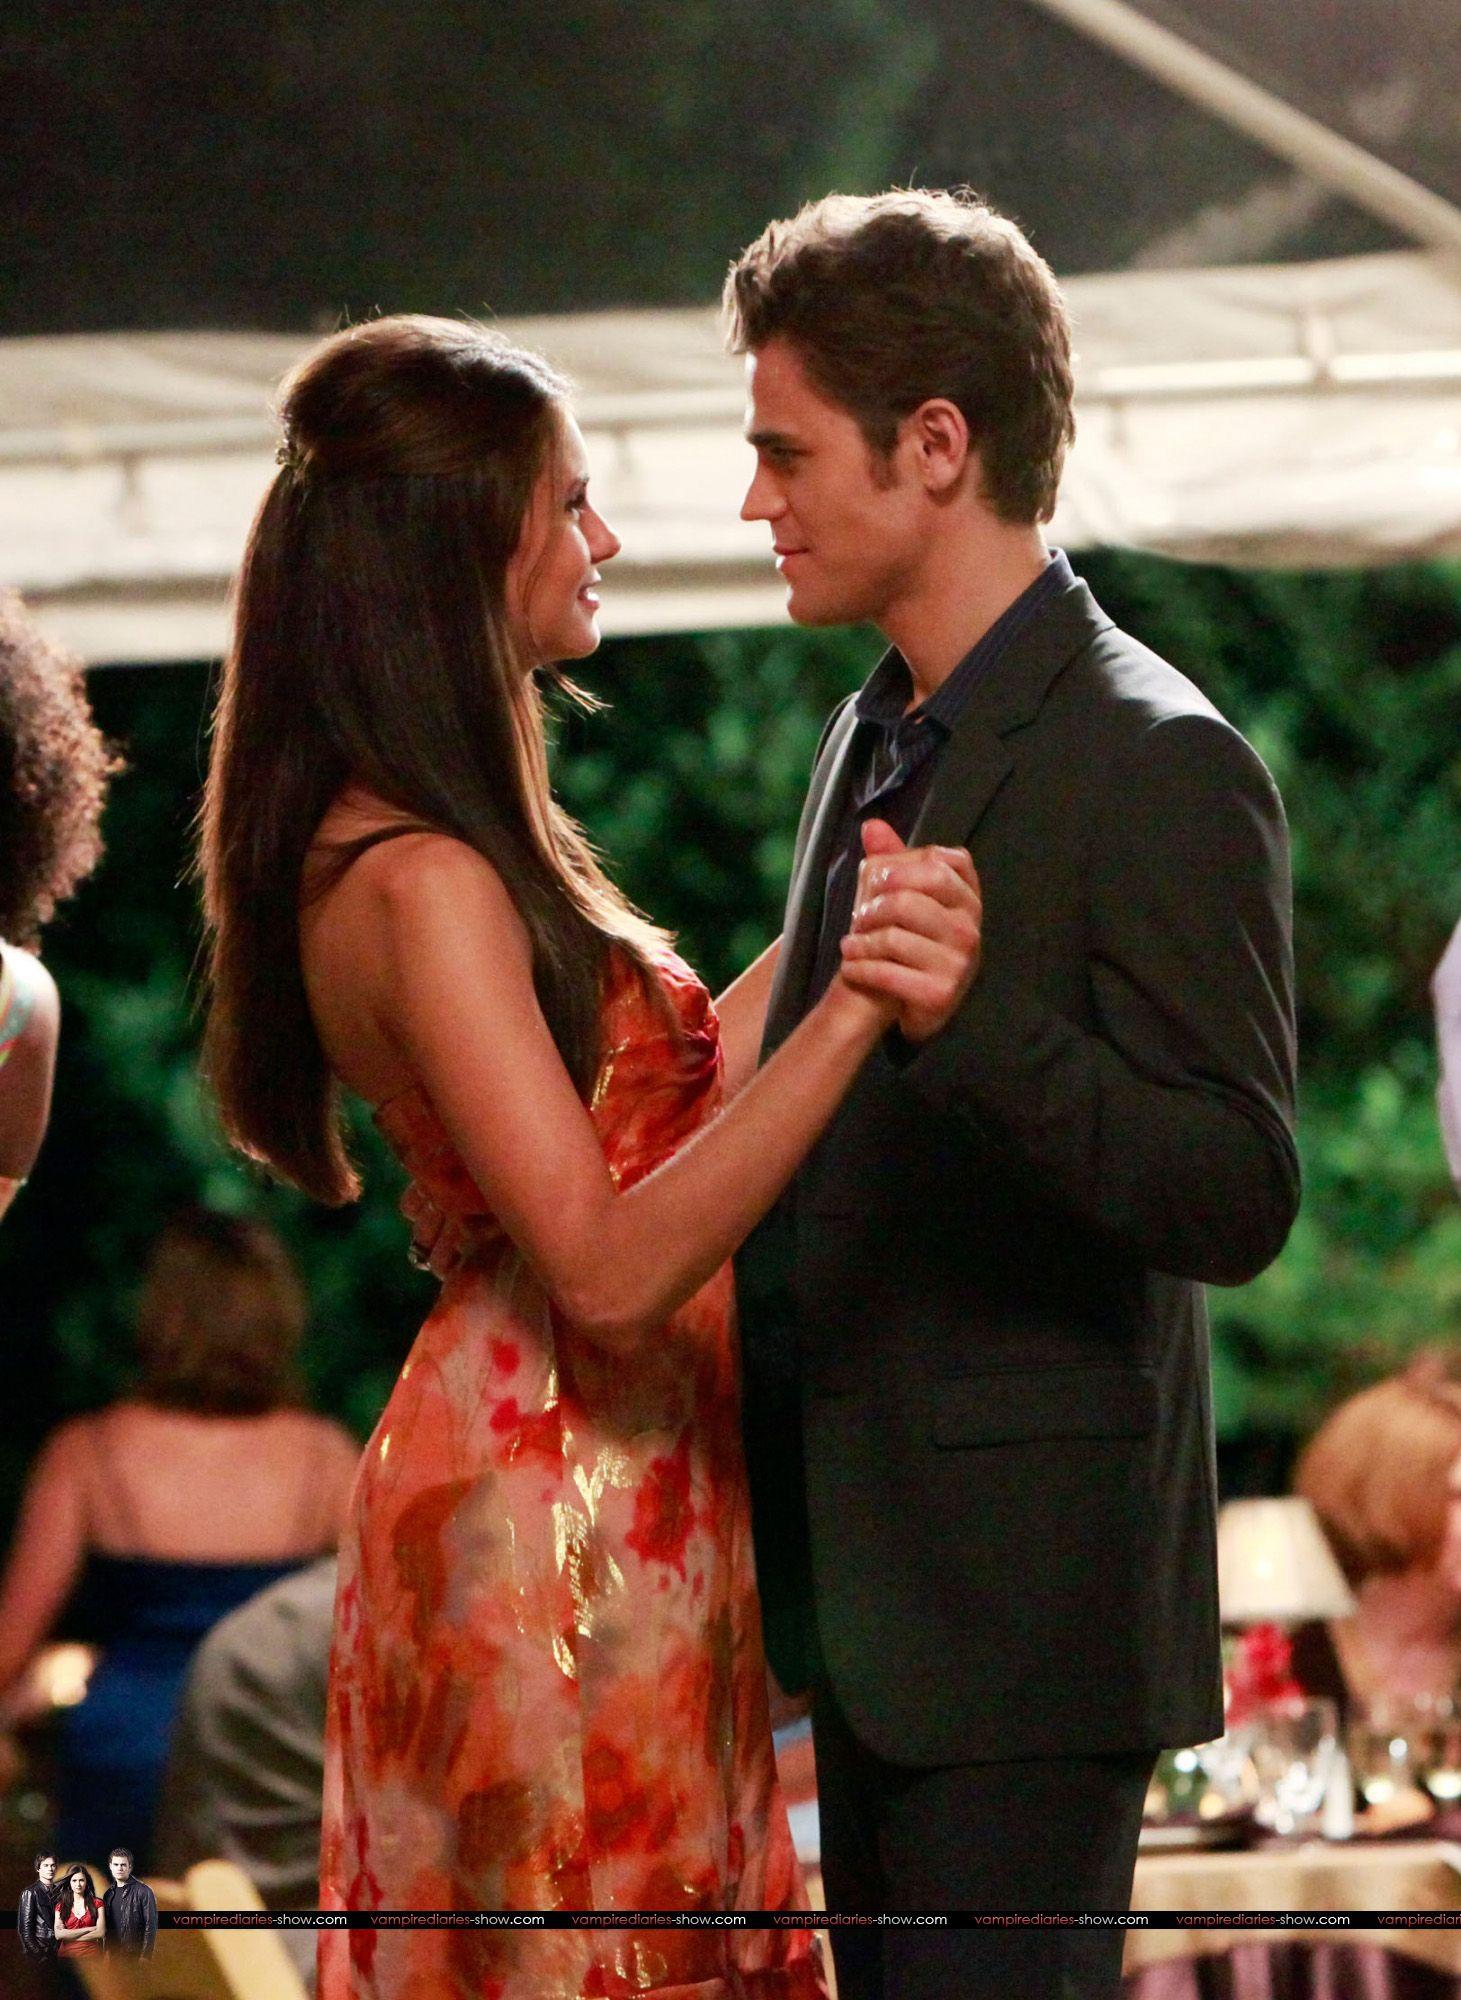 Stefan is so hot!